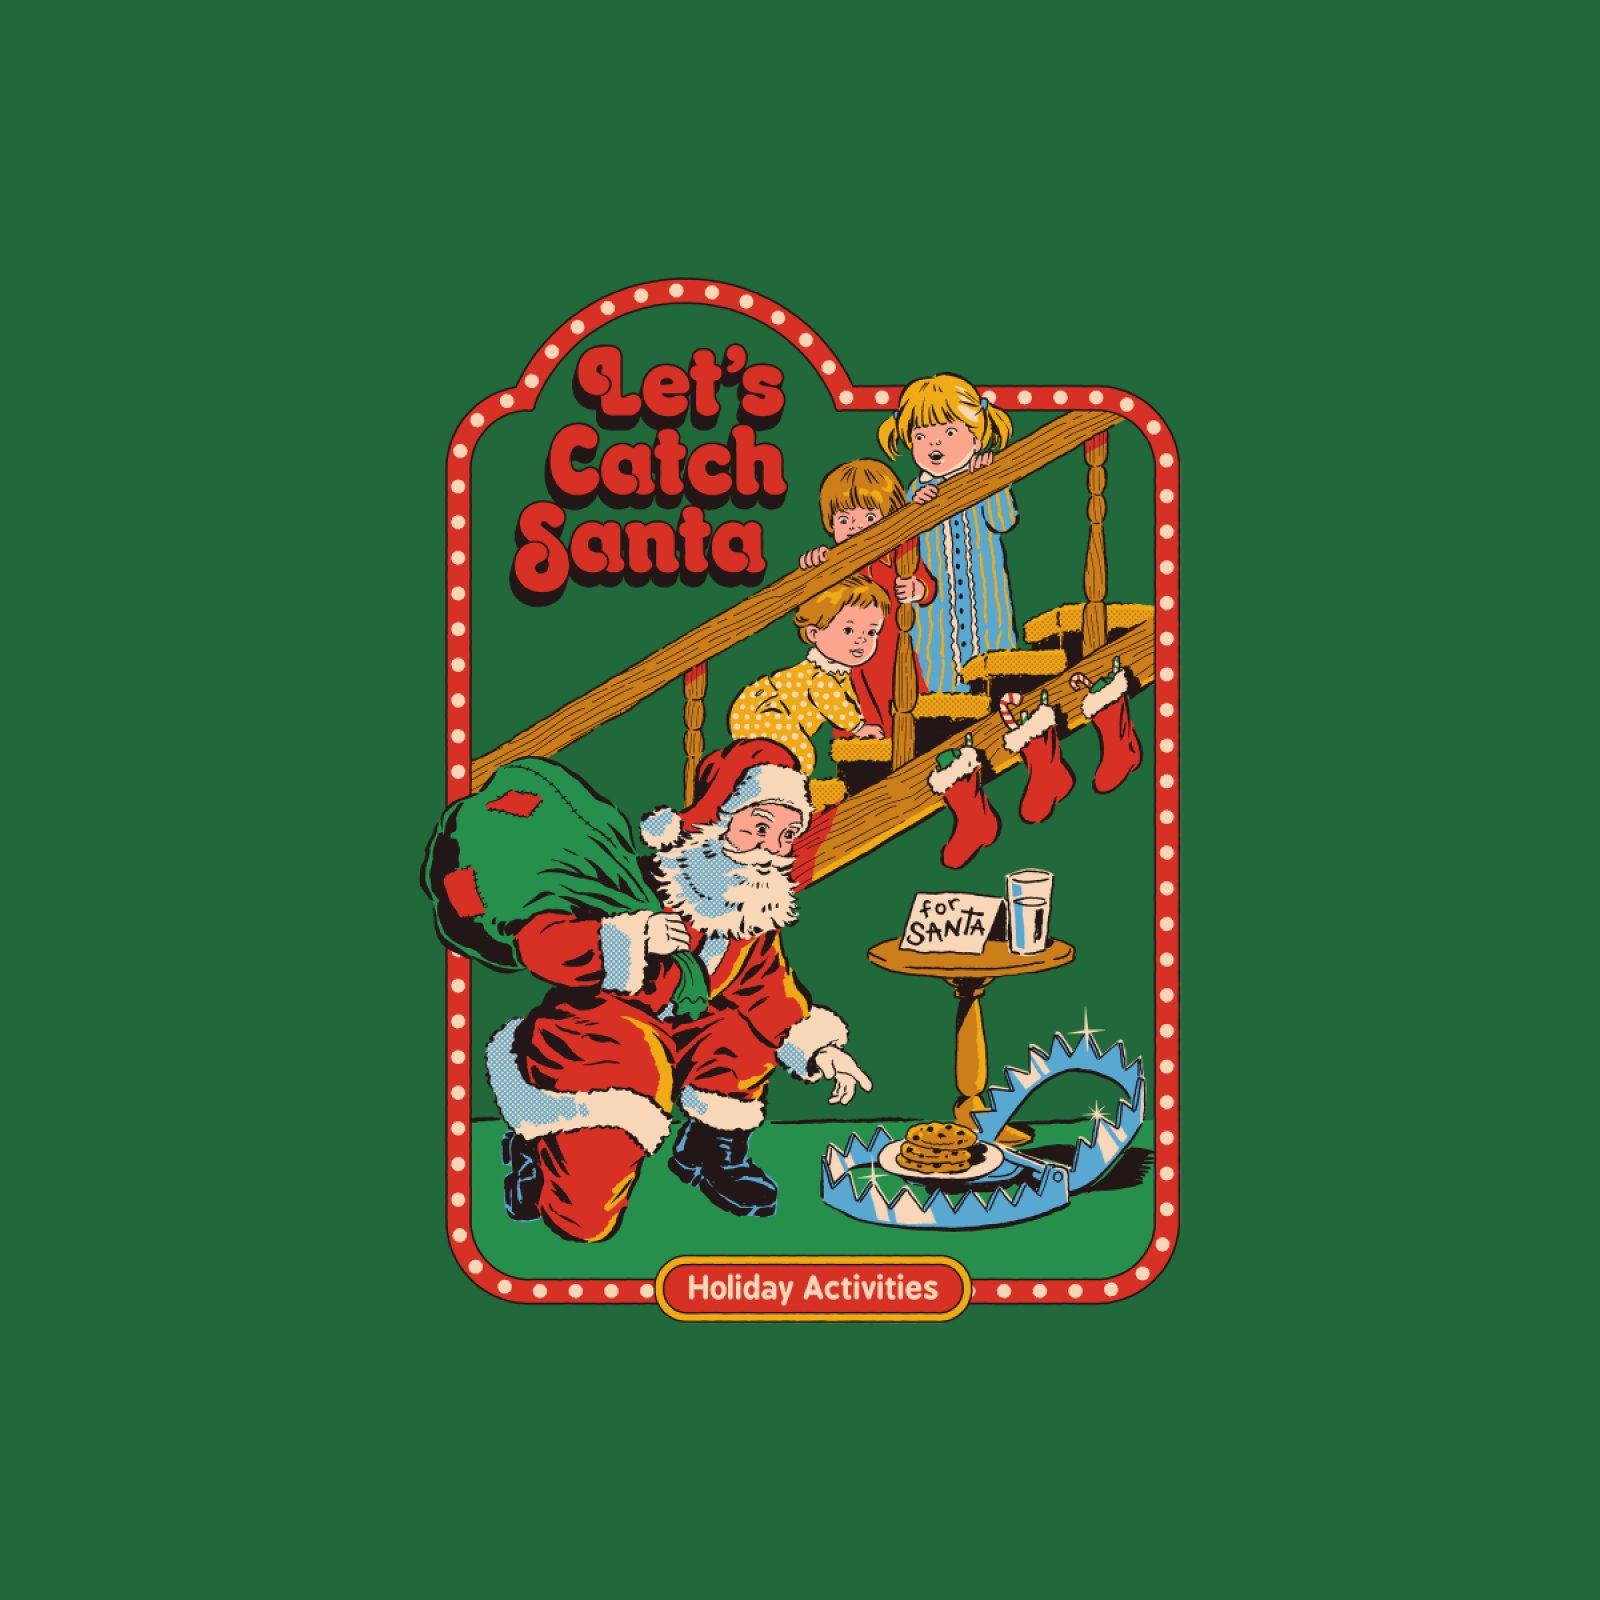 Let's Catch Santa